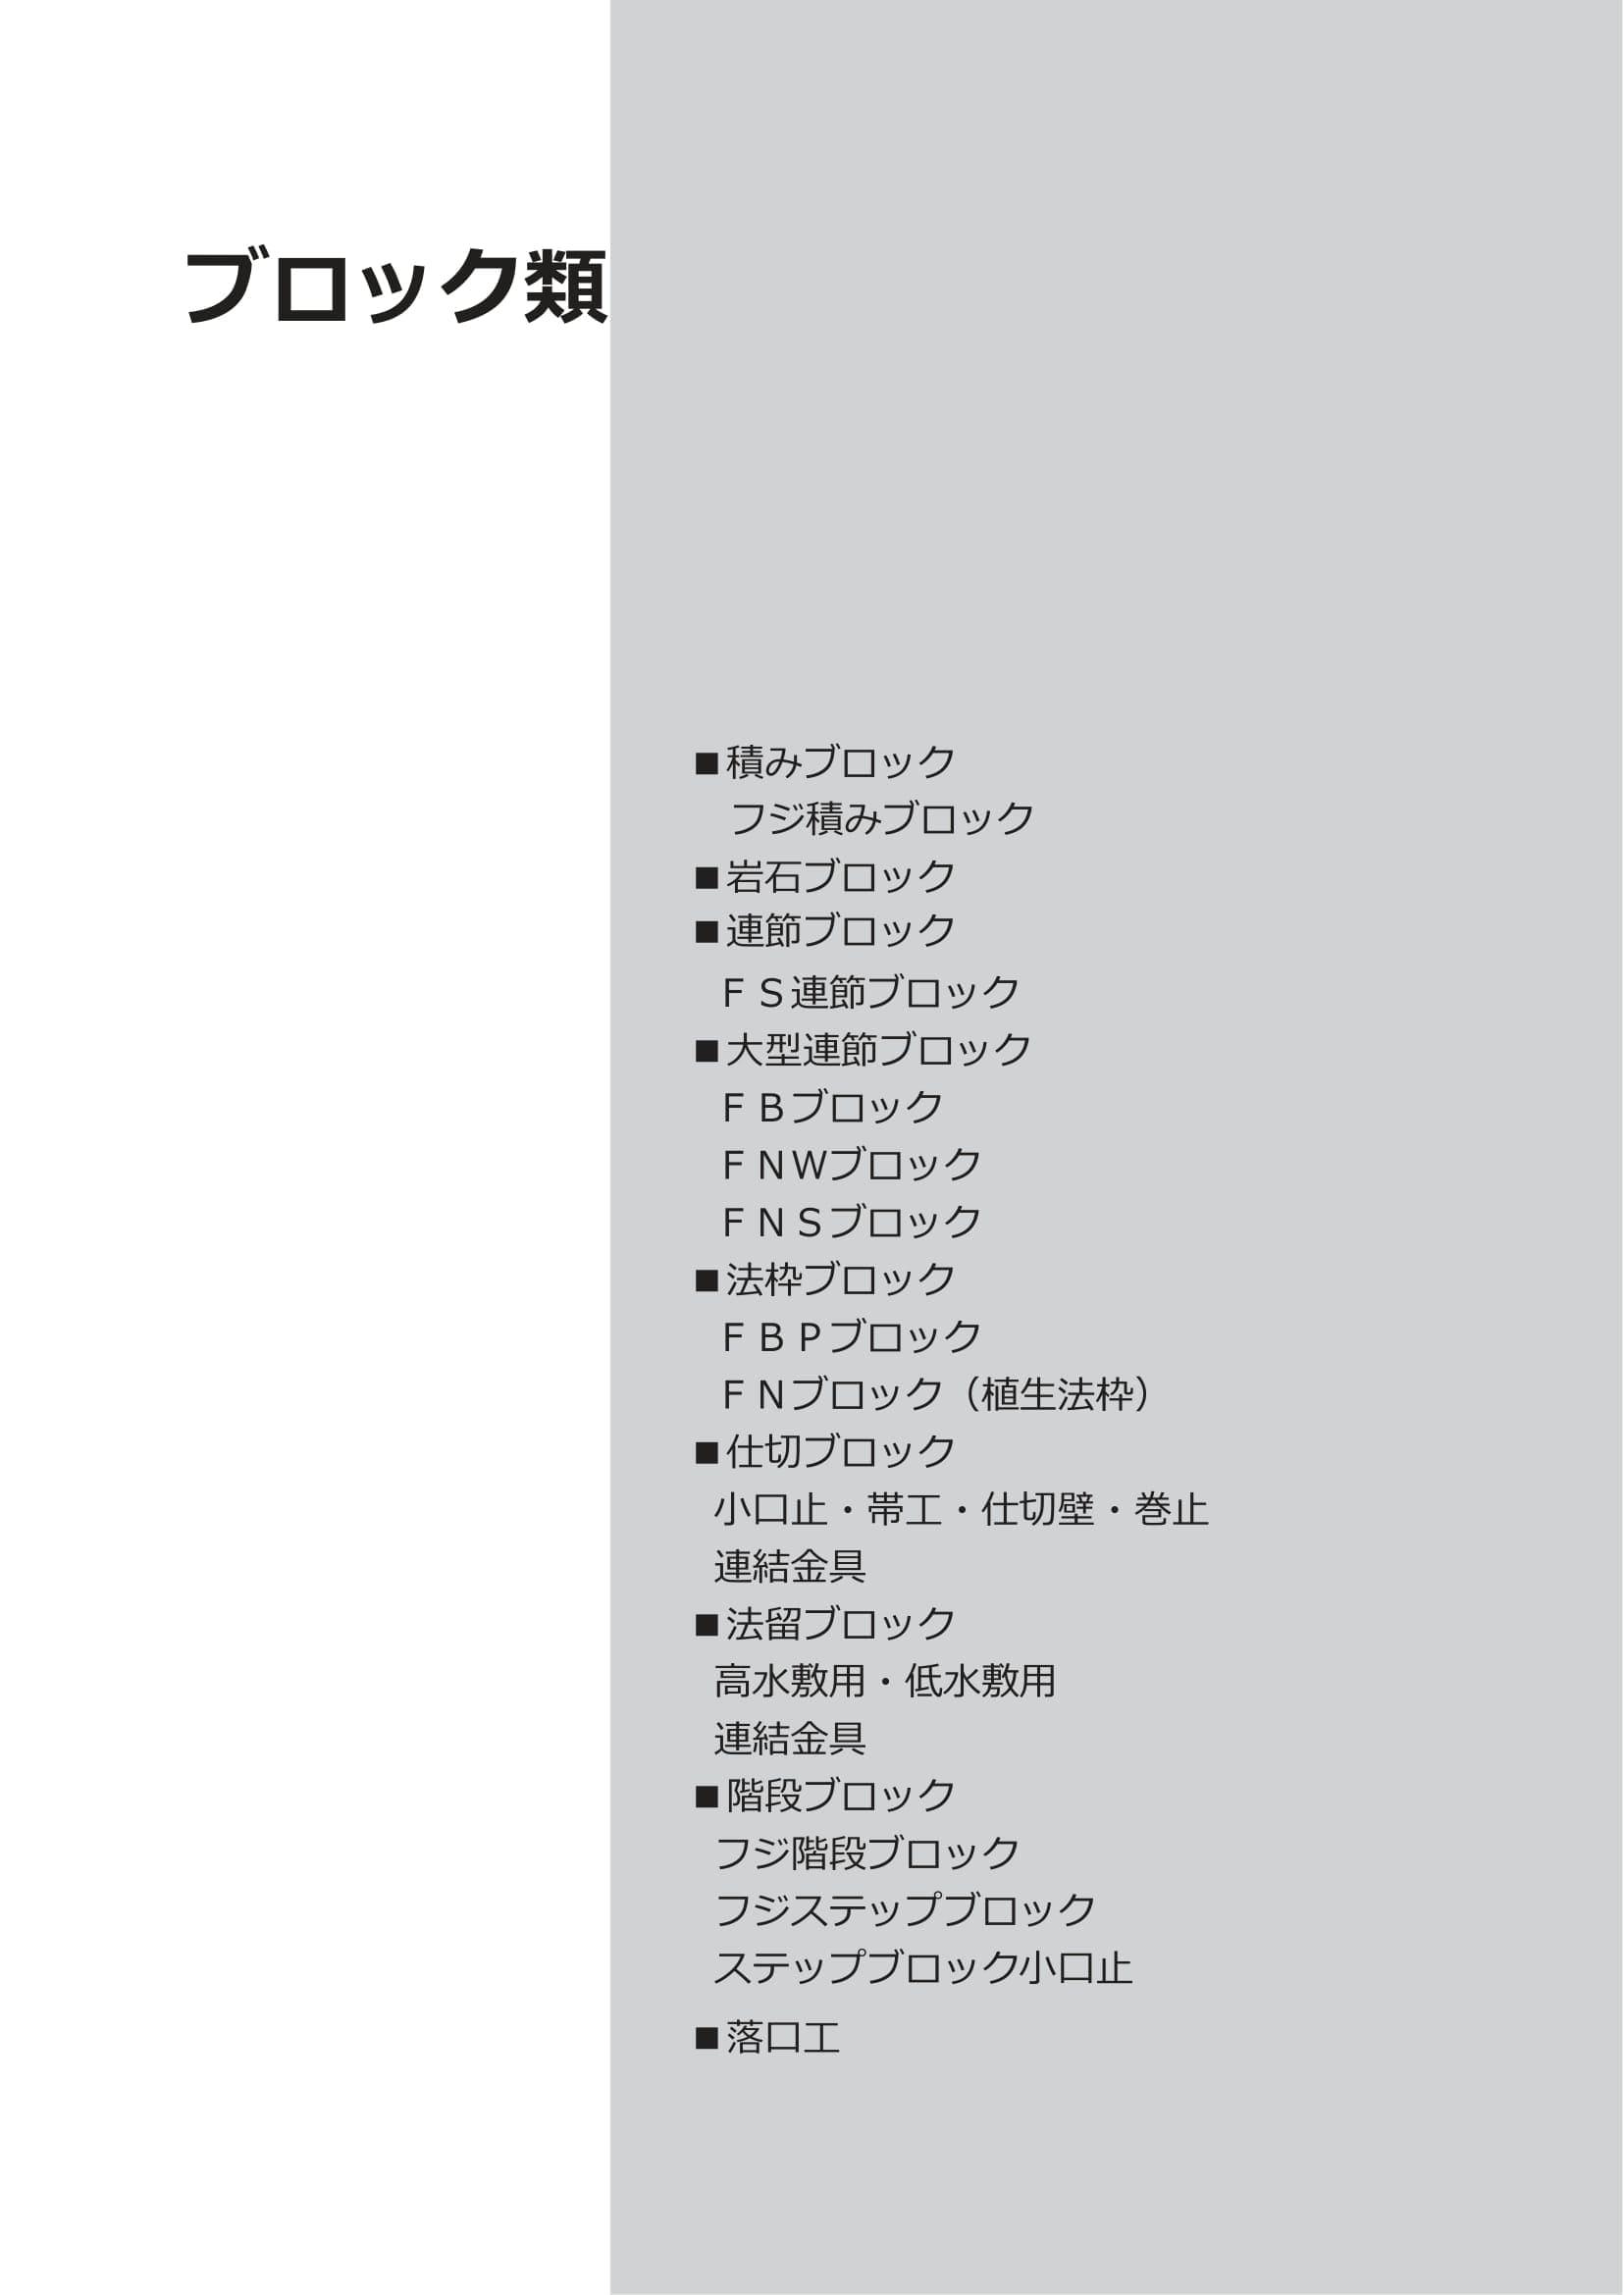 富士コンクリート/ブロック類WEBカタログ